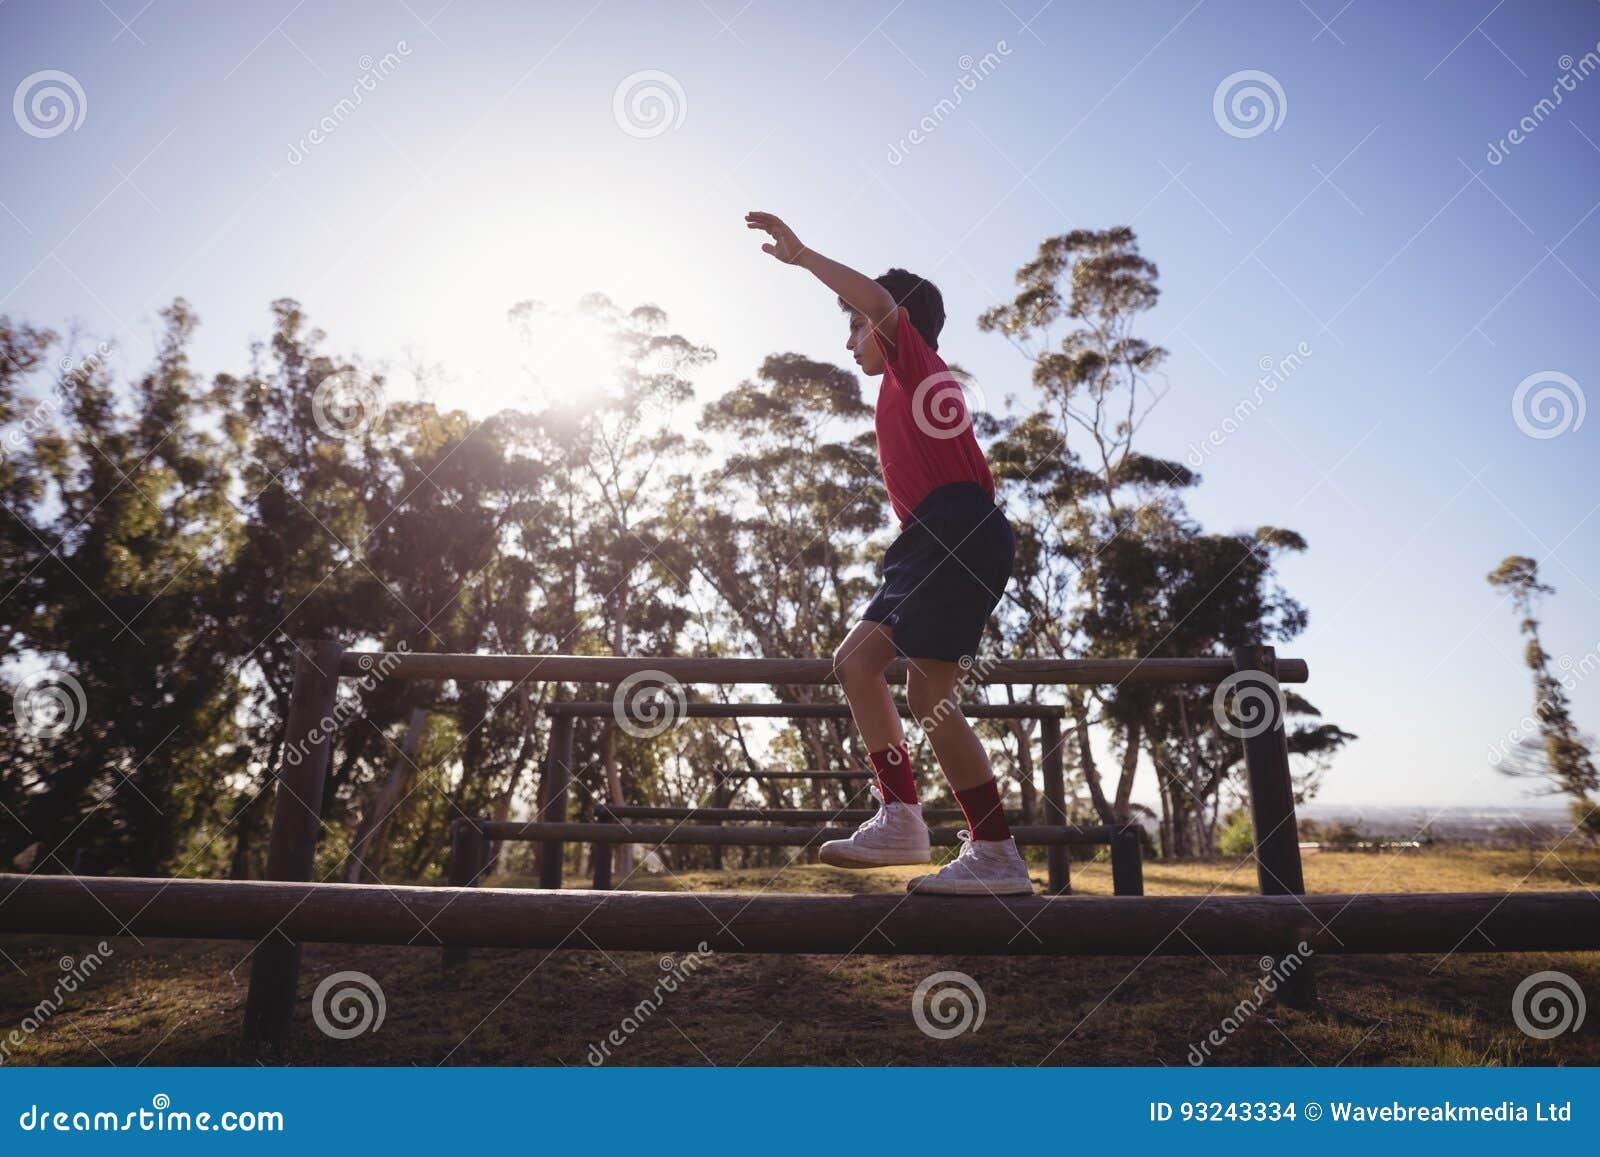 Junge, der auf Hindernis während des Hindernislaufs geht